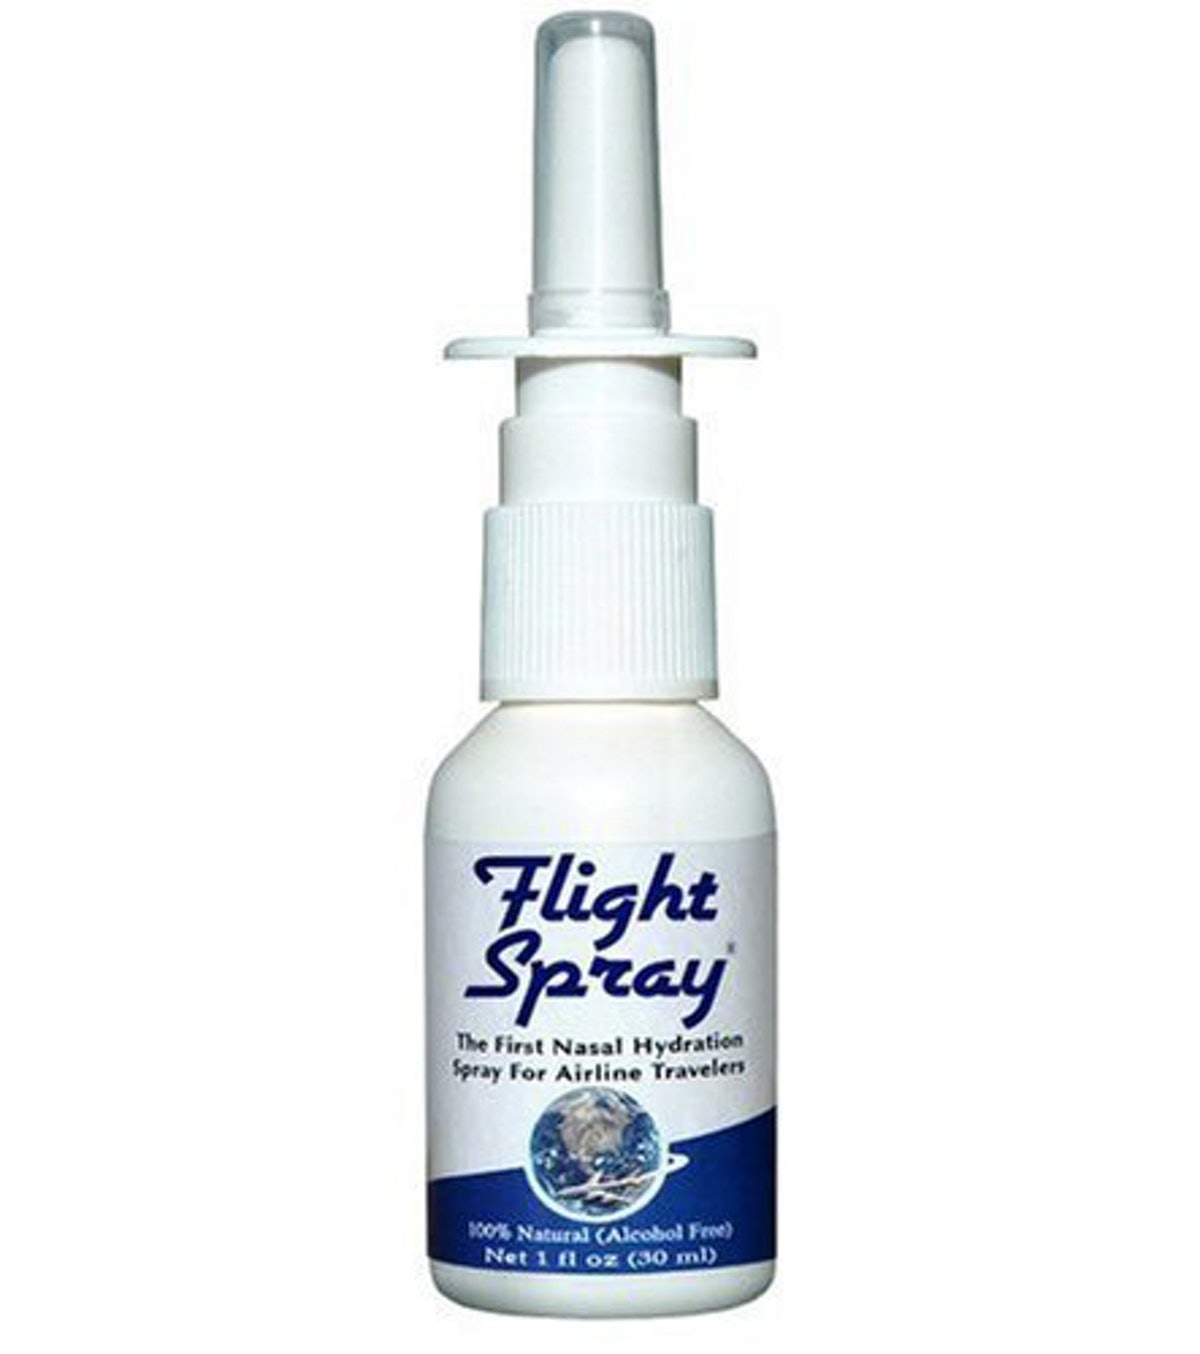 Flight Spray Nasal Hydration Spray